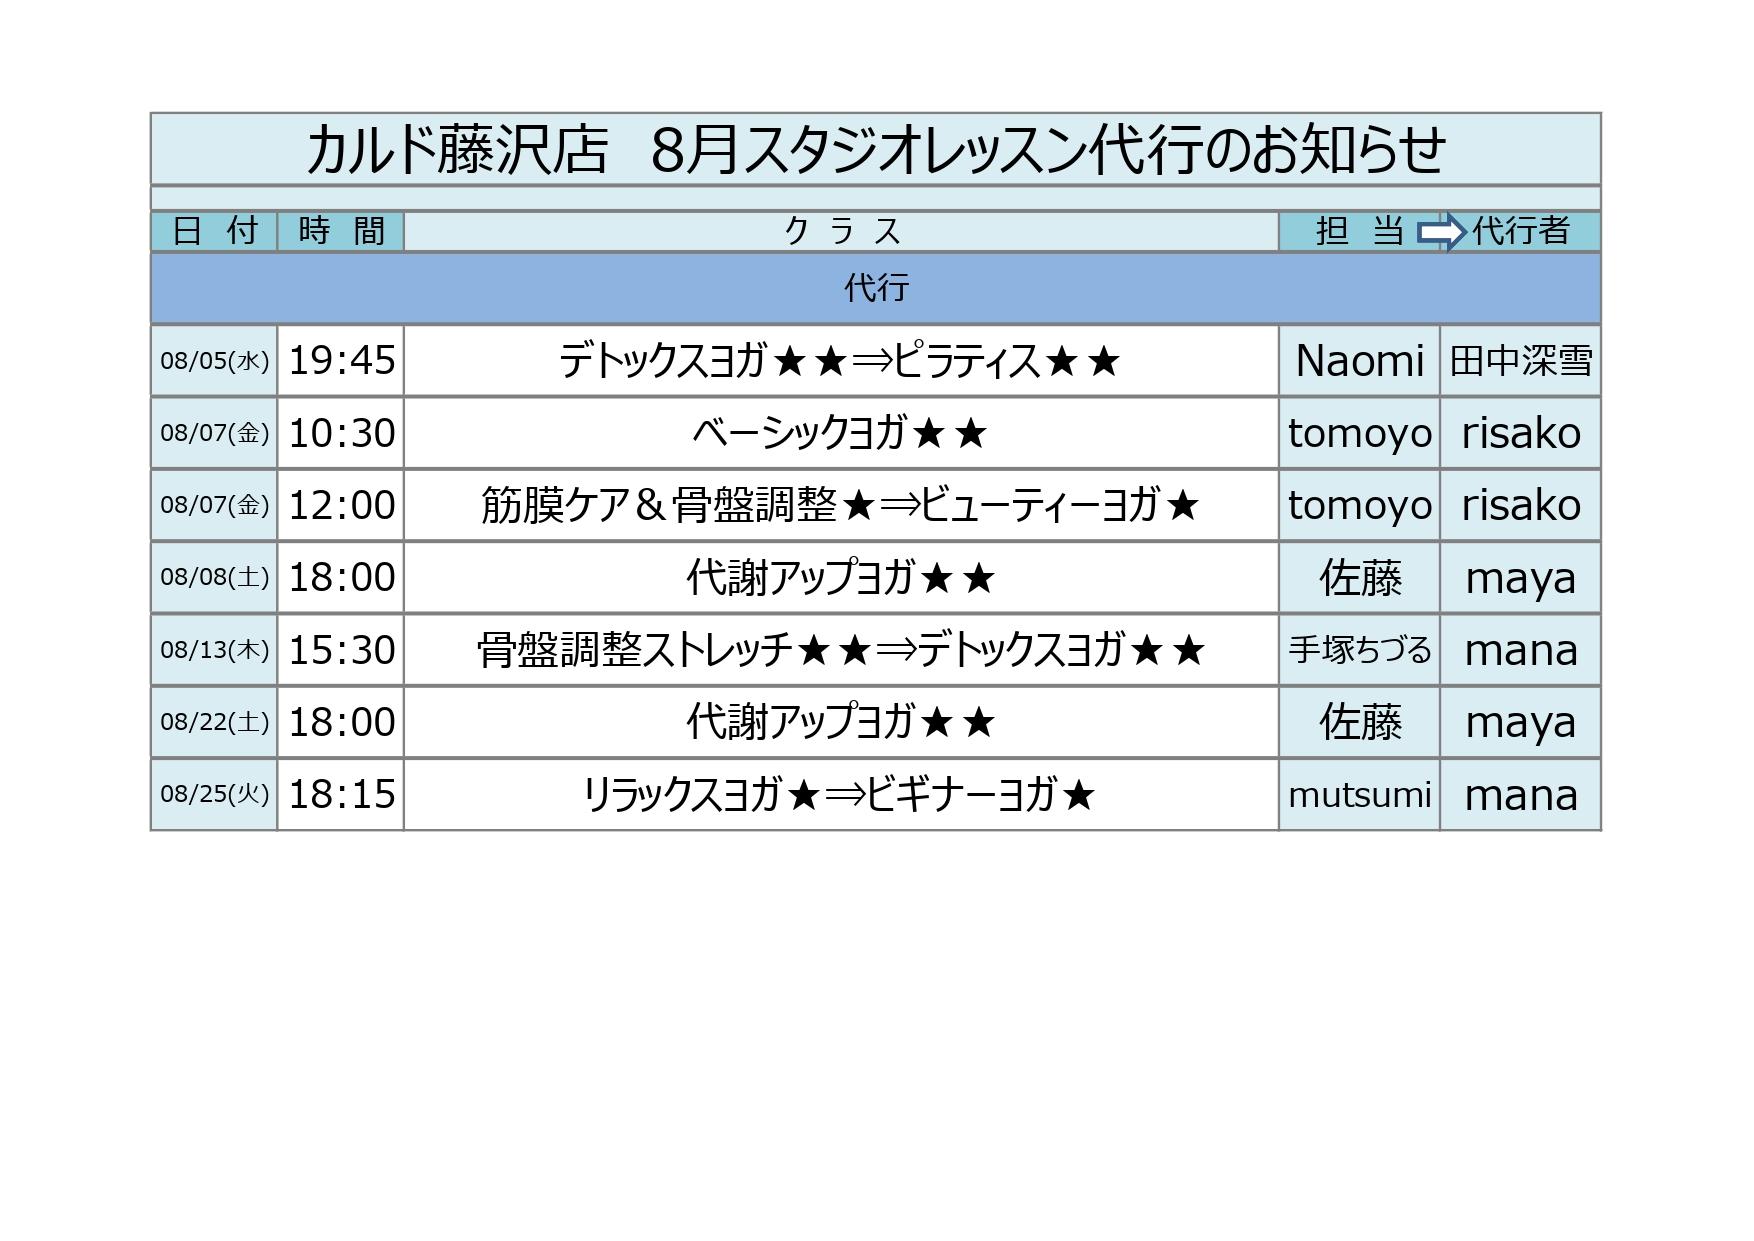 【原本】最新8月代行のおしらせ_page-0001